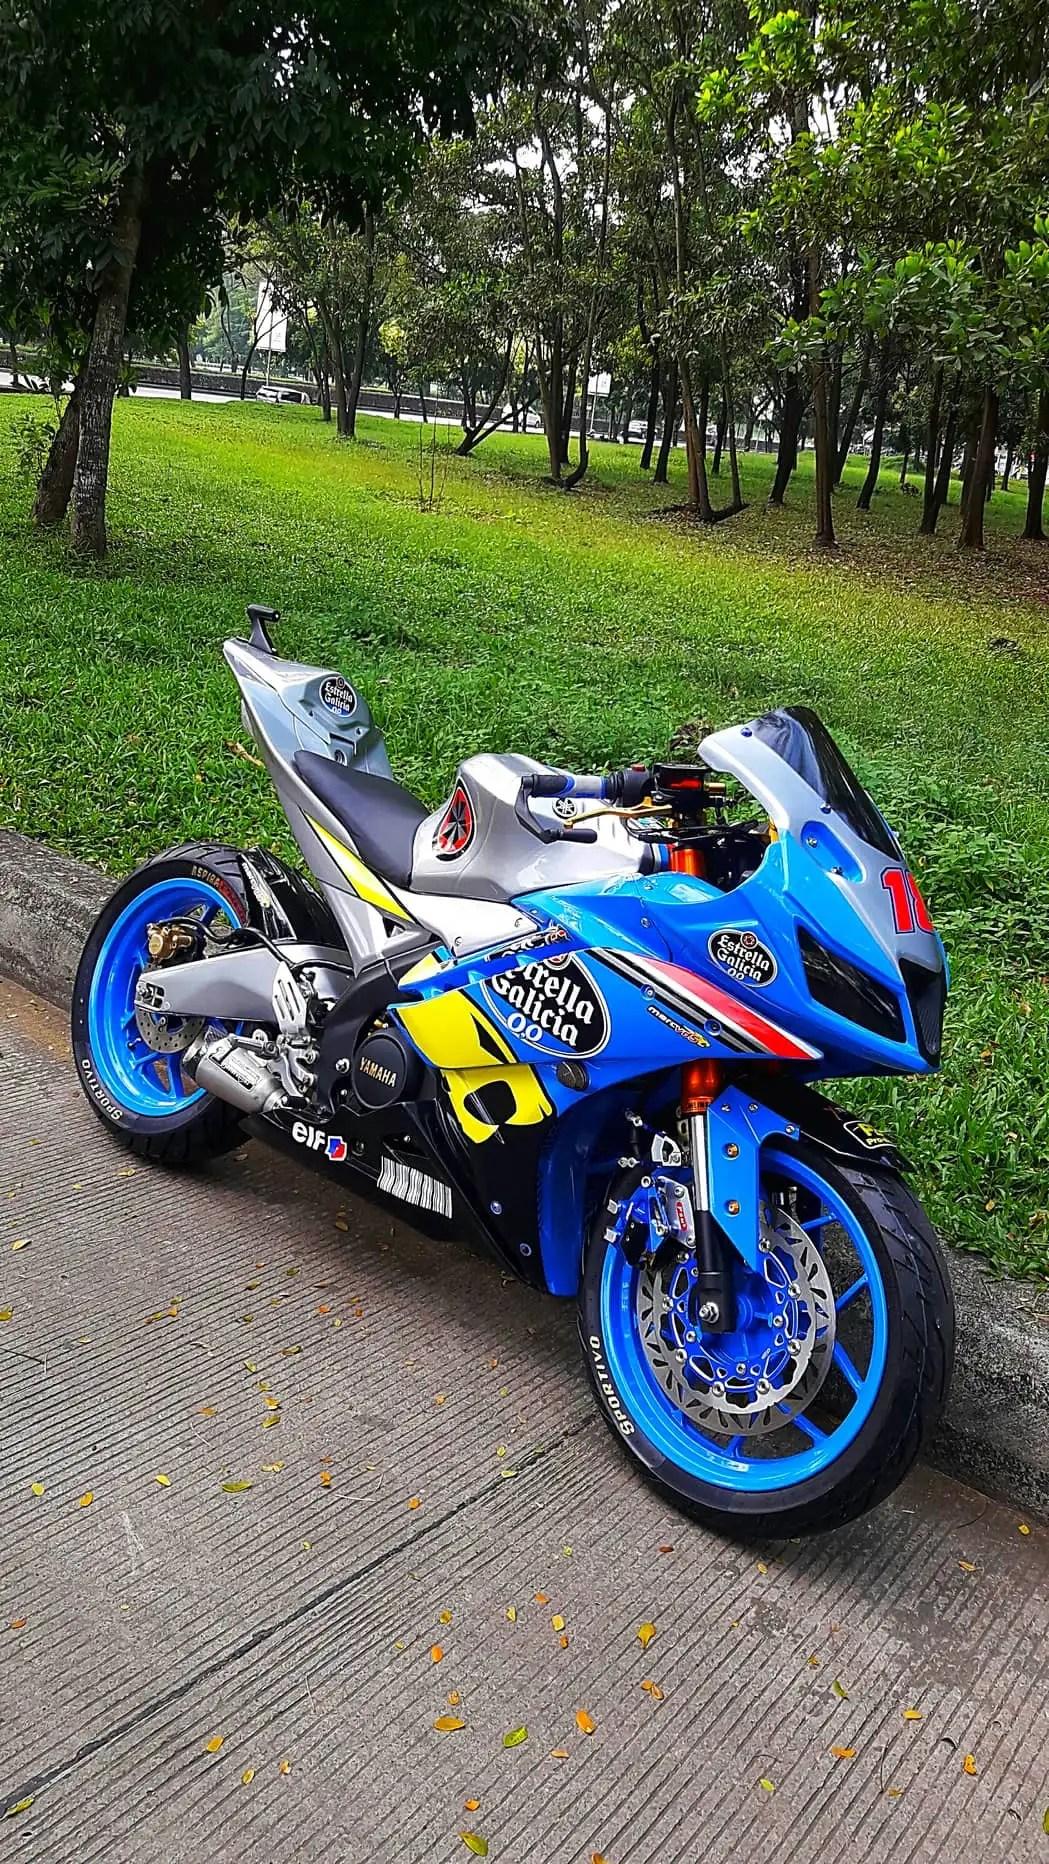 Modifikasi Yamaha R15 V2 Keren Abis Rpmsuper Com